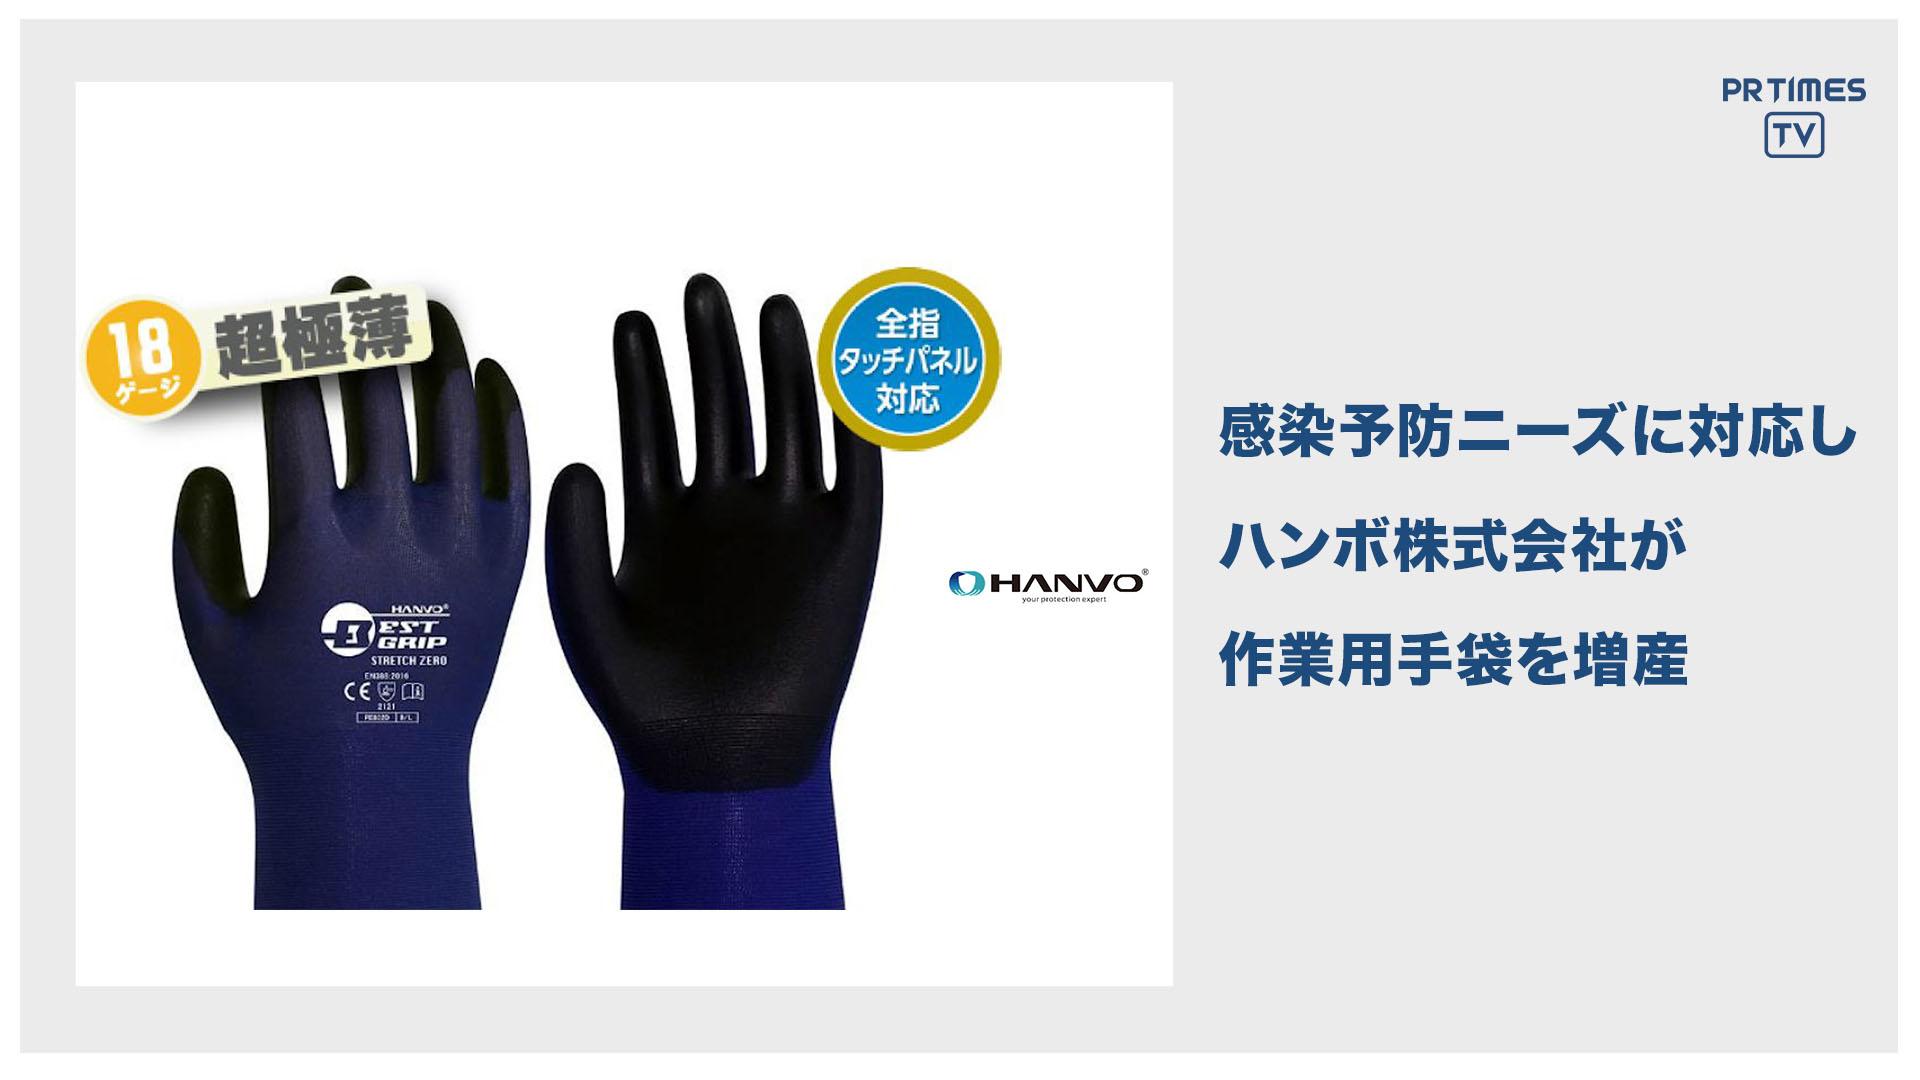 ハンボ(株)、小売店からの感染予防ニーズに対応し作業用手袋「ストレッチゼロ」の増産体制を強化